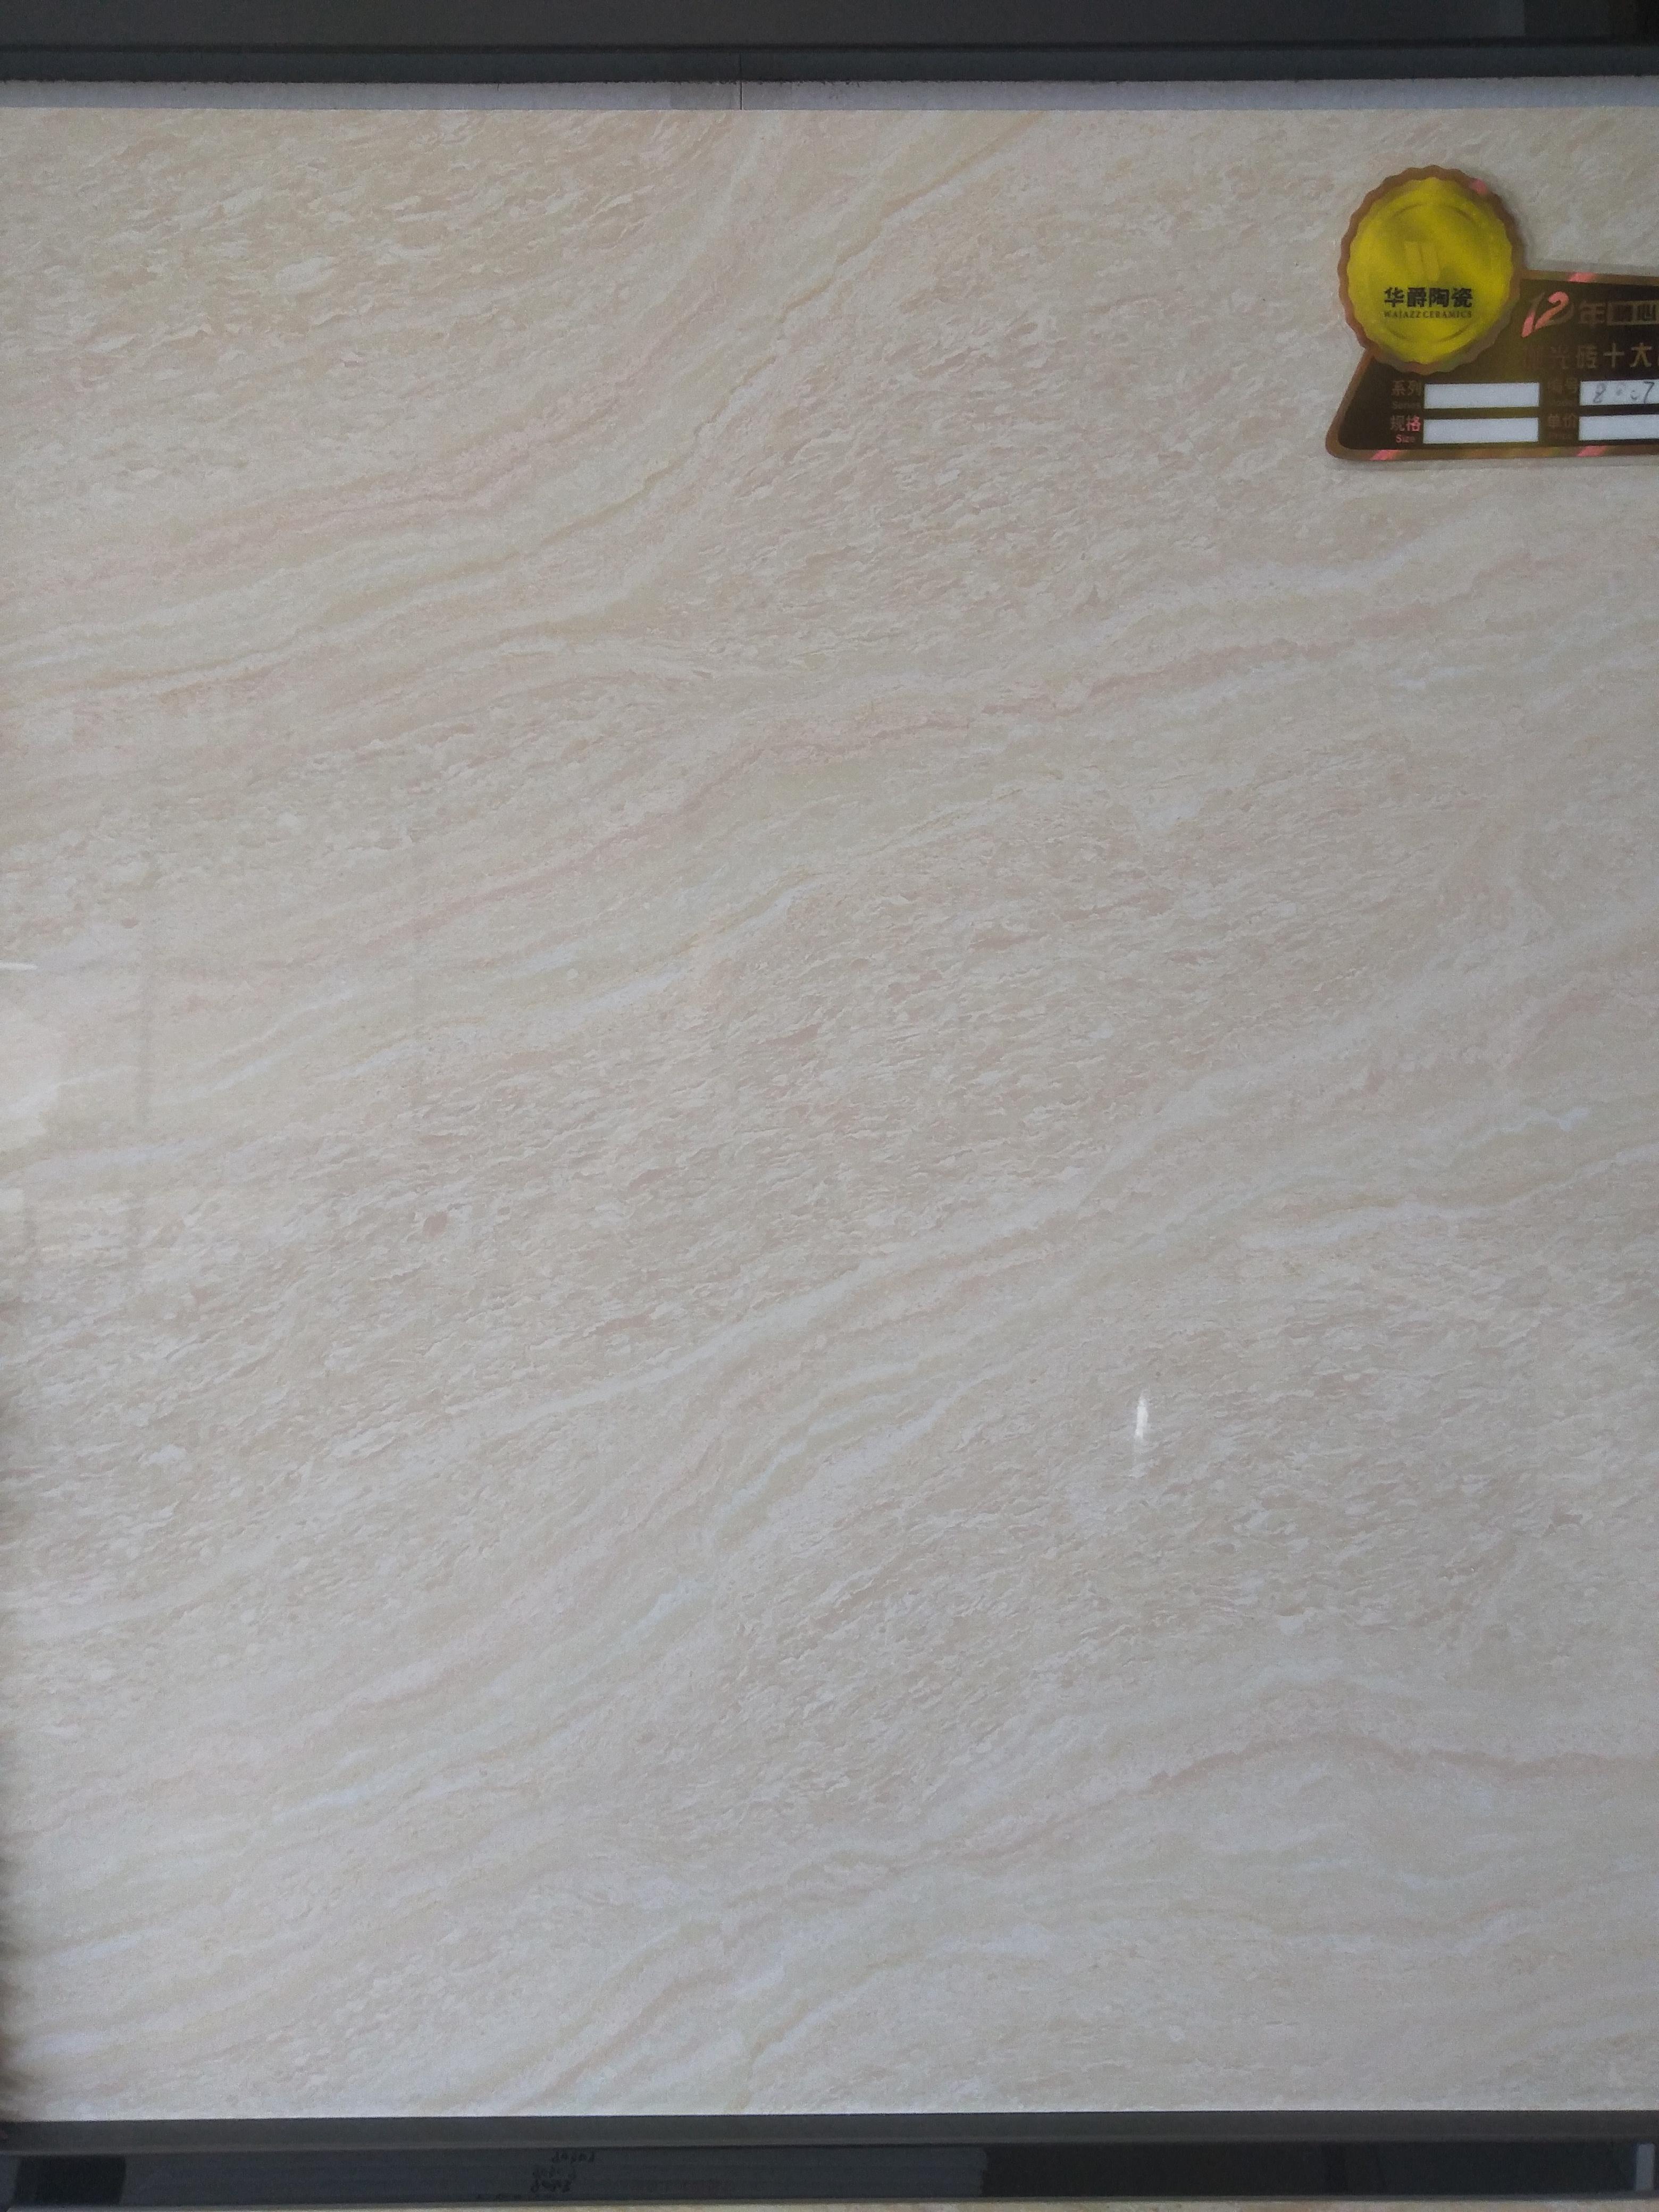 白蕉瓷砖厂/白蕉抛光砖瓷砖价格/斗门白蕉瓷砖价格/斗门白蕉抛光砖批发